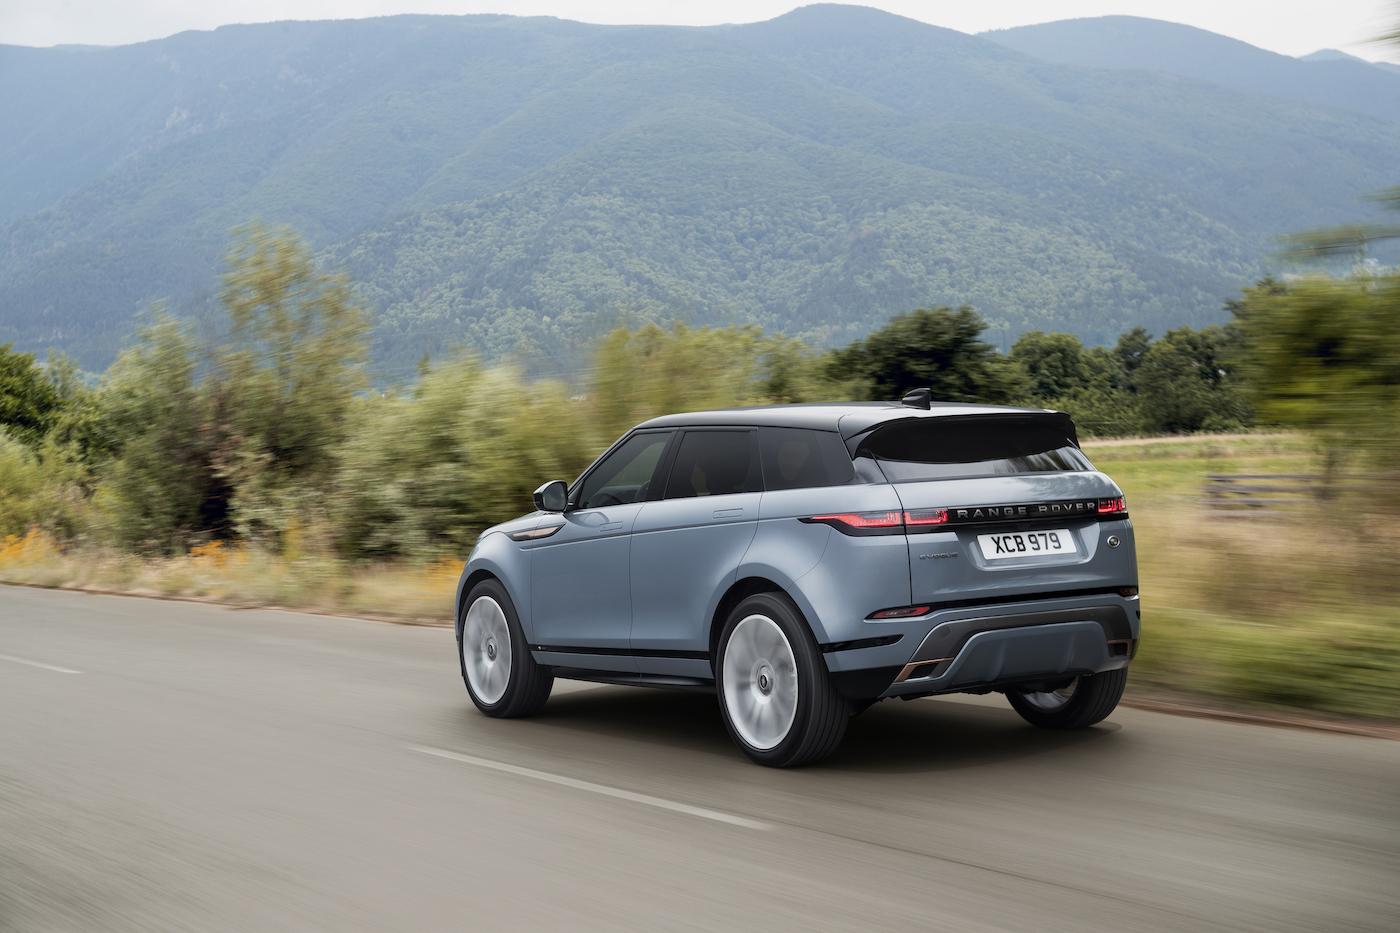 Der neue Evoque: Range Rover übertrifft sich selbst 15